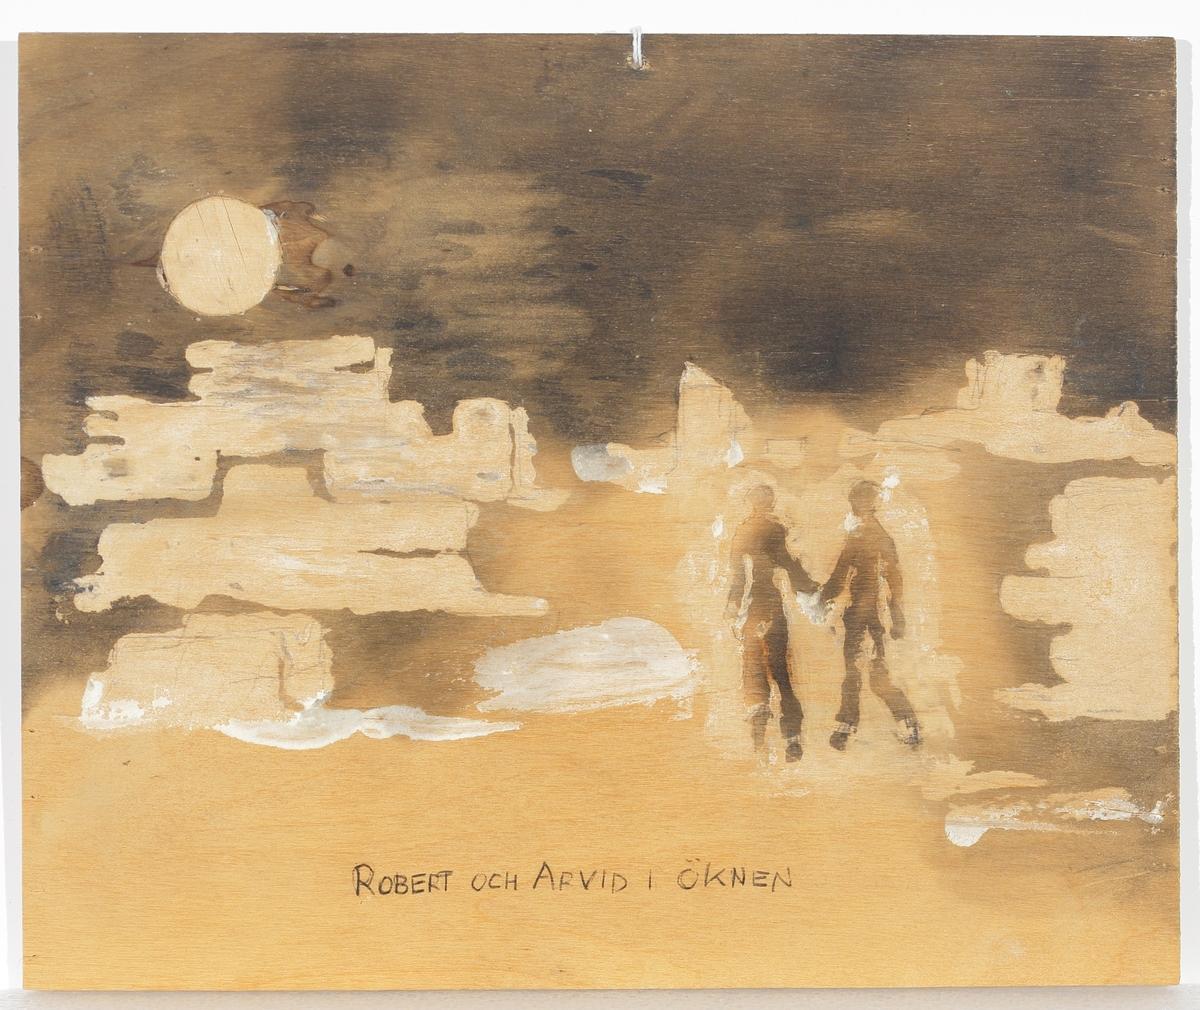 Robert och Arvid i öknen.